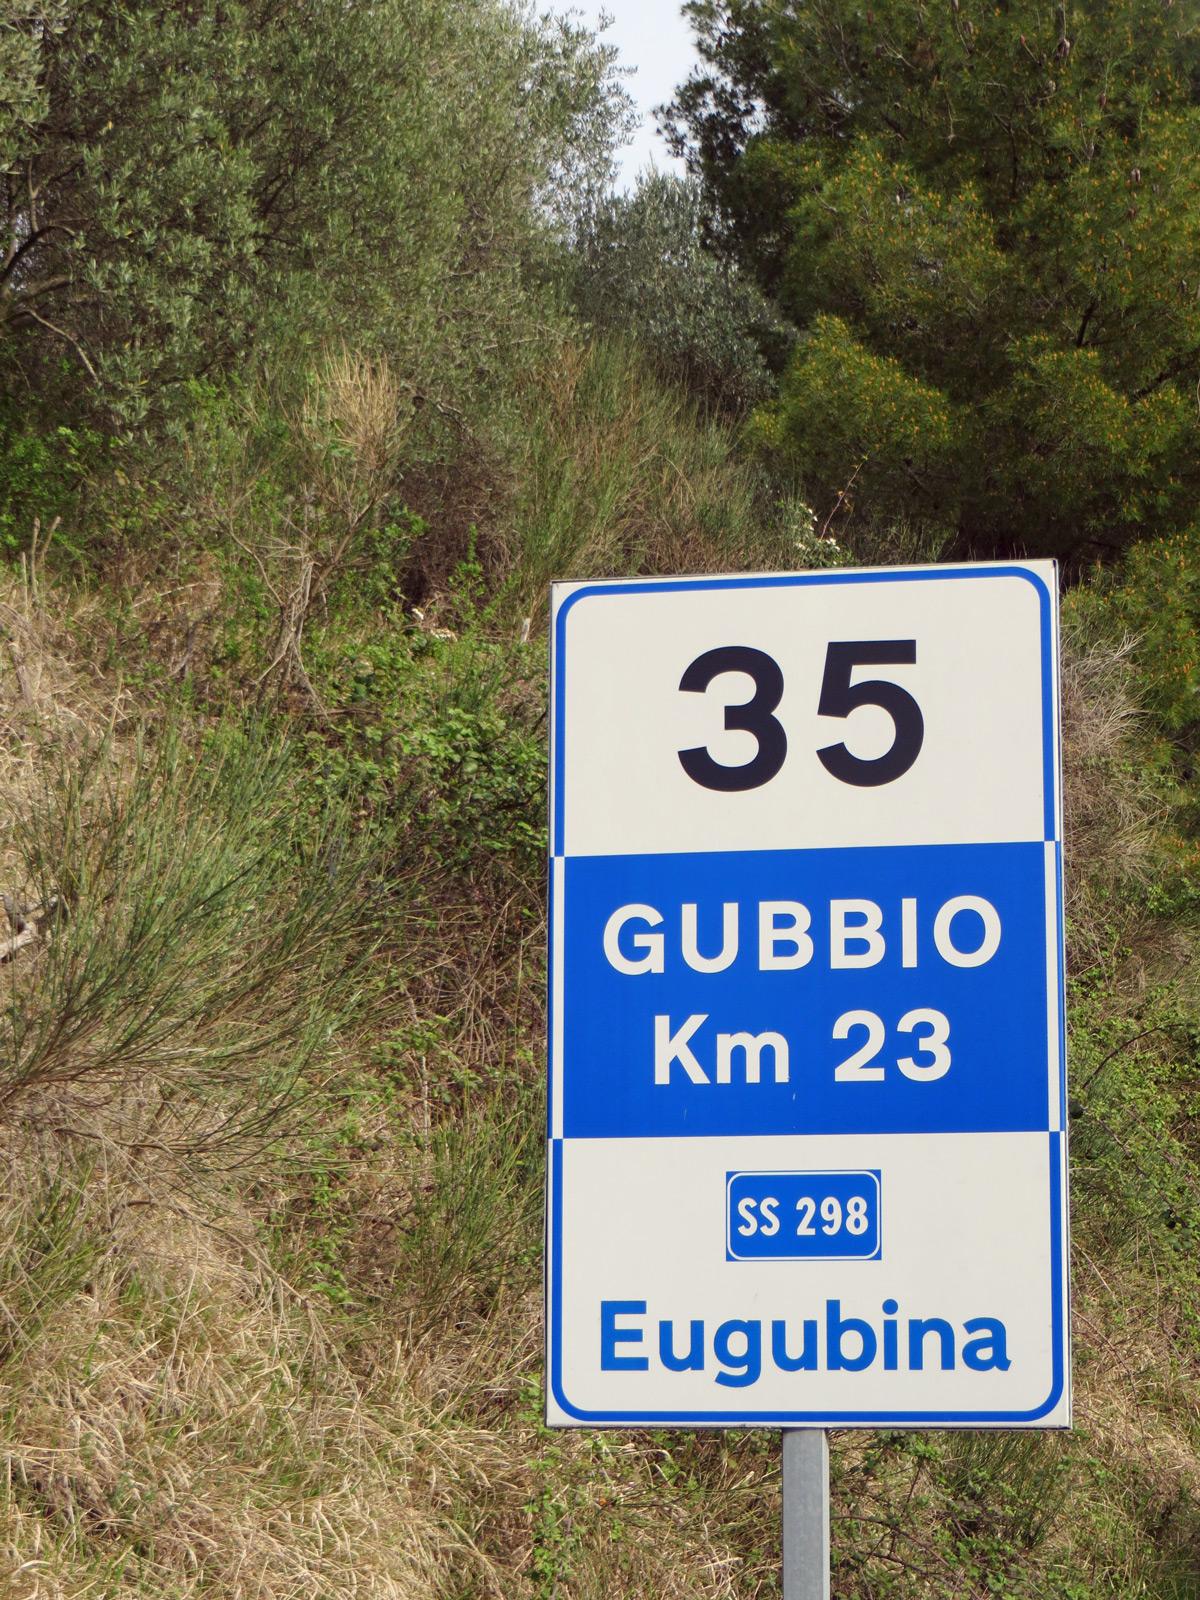 umbria-01-04-2017-987